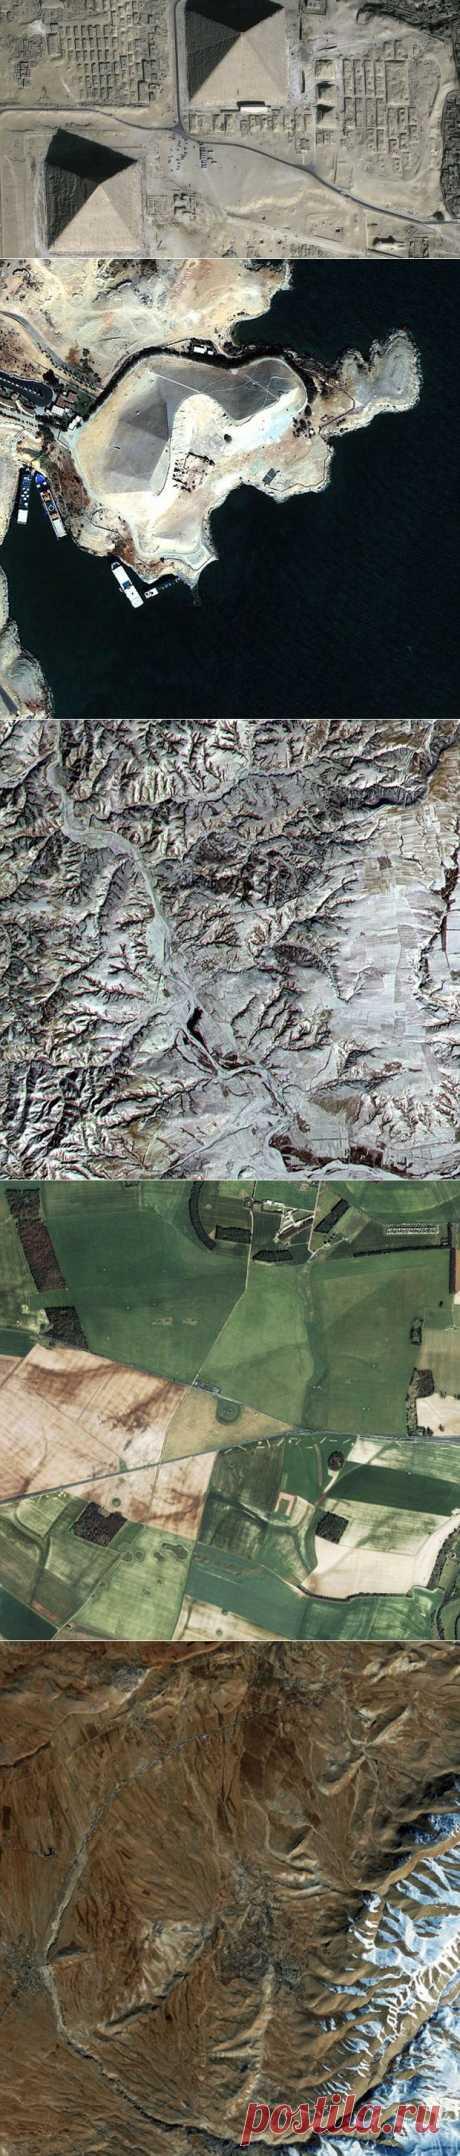 Как выглядят древние руины из космоса   НАУКА И ЖИЗНЬ